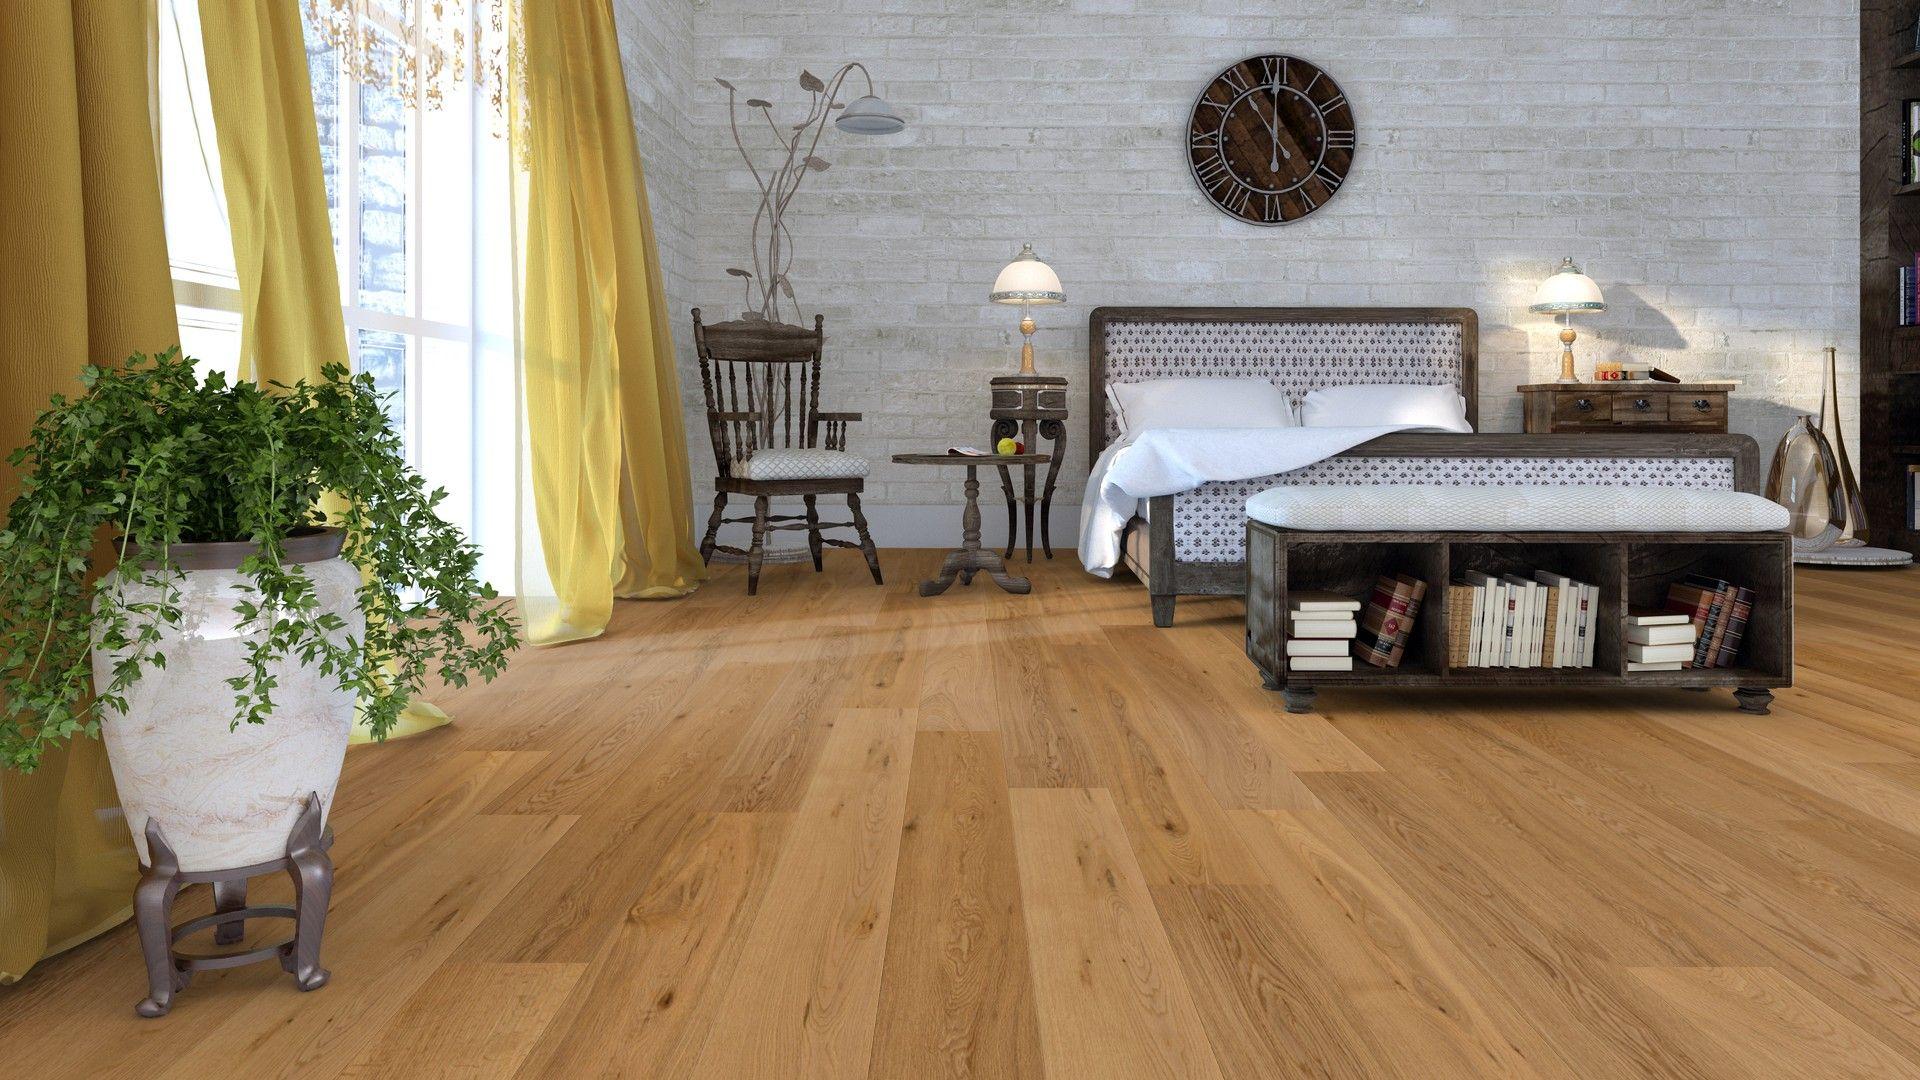 Jordan S Wood Flooring Warehouse In 2020 With Images Engineered Wood Floors Parquet Flooring Engineered Flooring